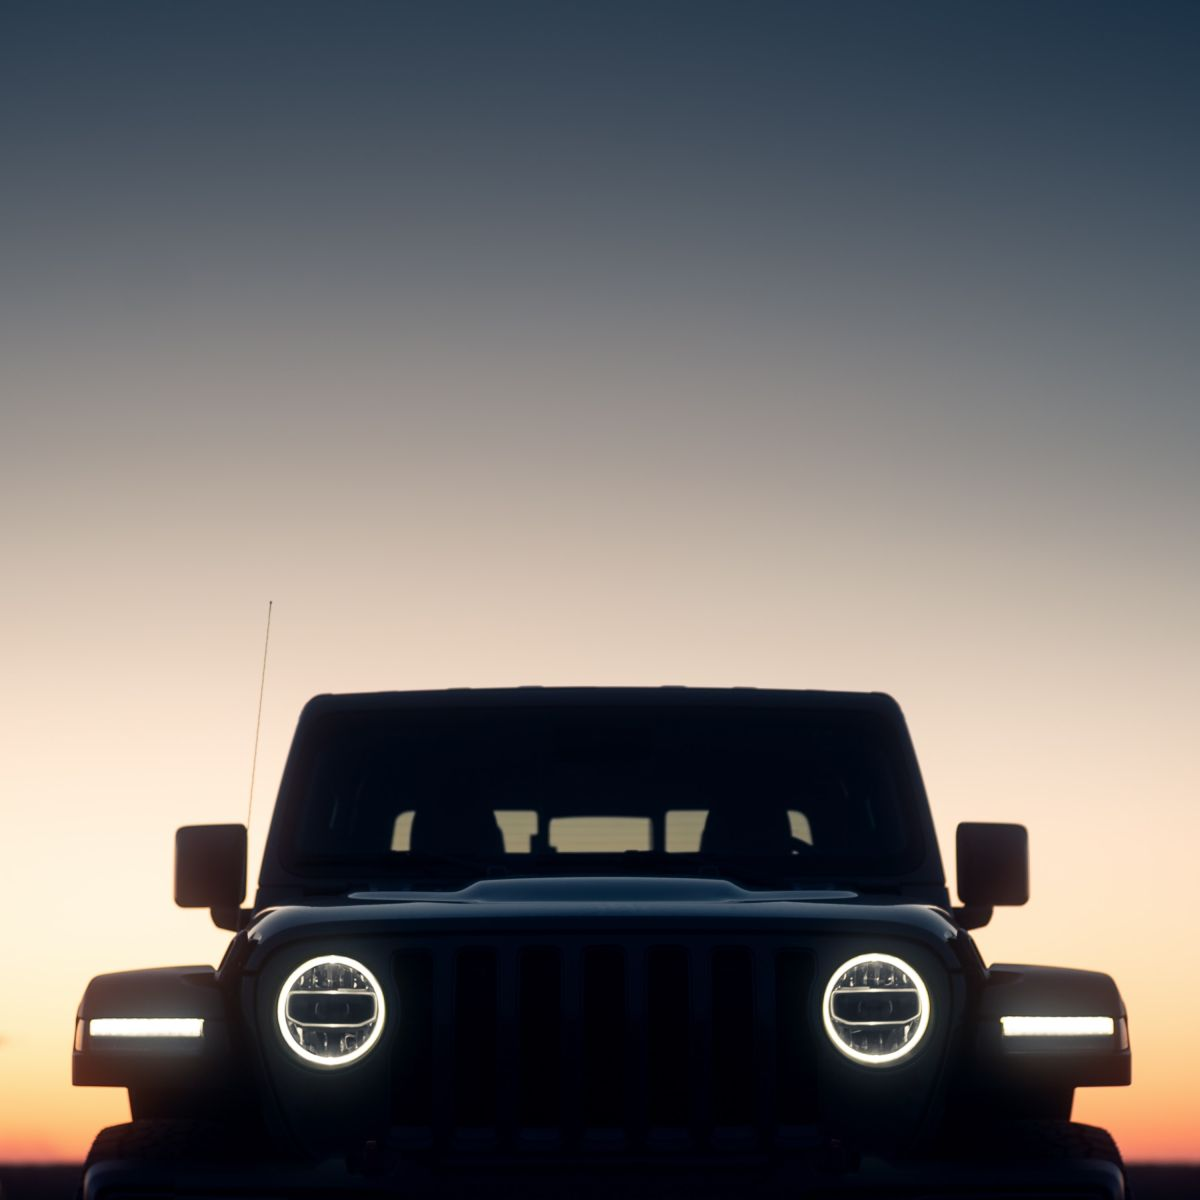 Cambiar de faros halógenos a LED en tu auto: no es una buena idea